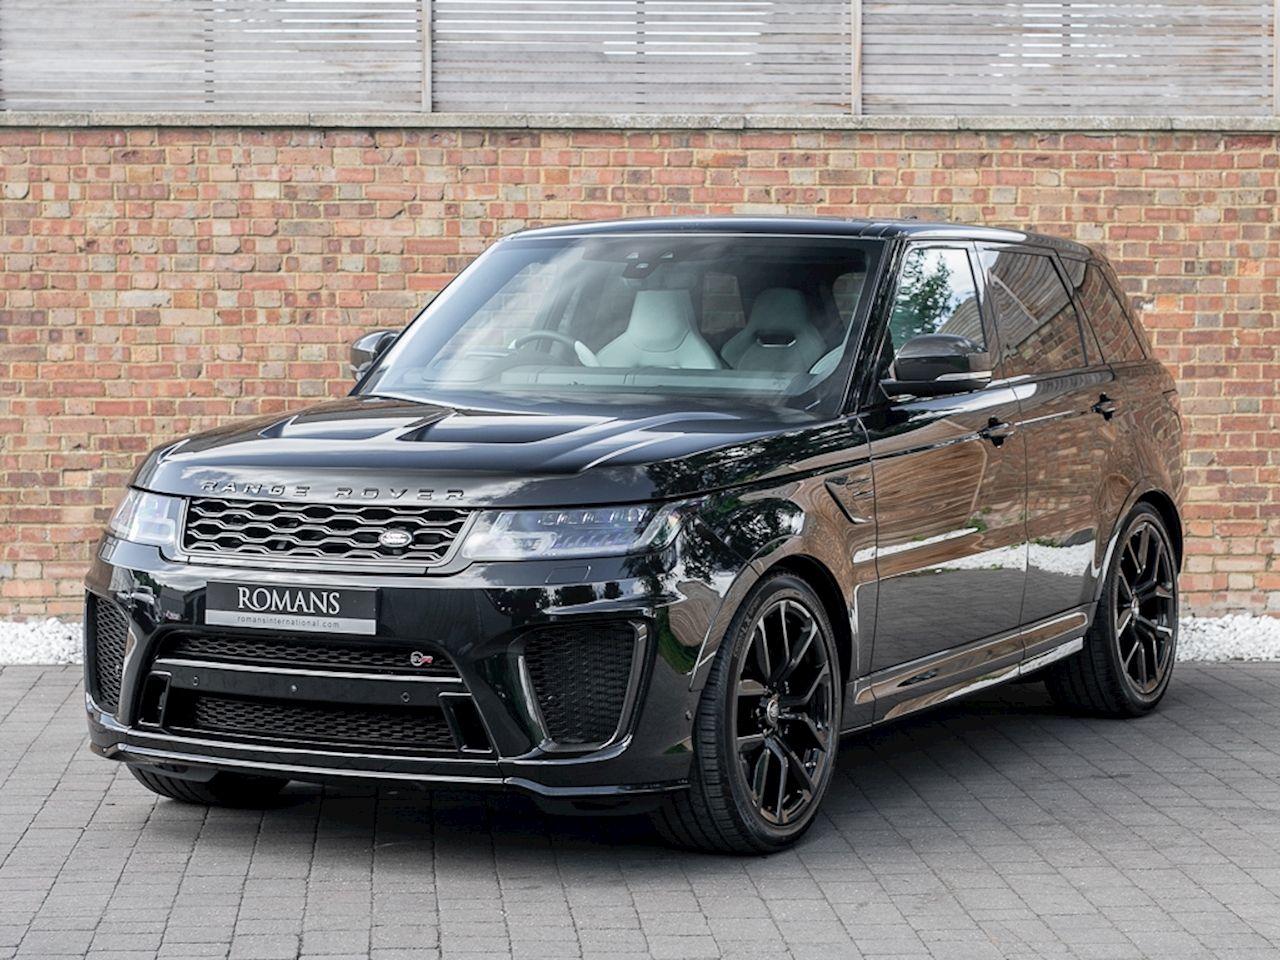 2018 Used Land Rover Range Rover Sport Svr Santorini Black Luxury Cars Range Rover Range Rover Black Range Rover Sport